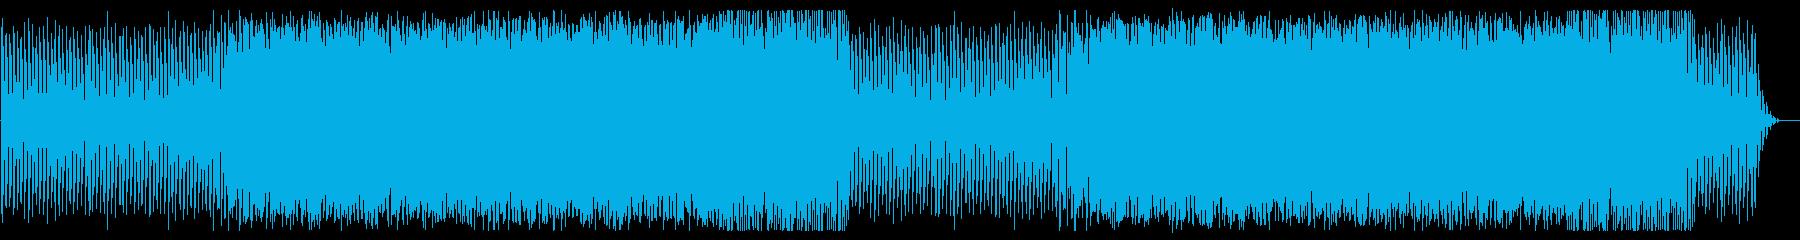 リズム感のいいトランス調のBGMの再生済みの波形